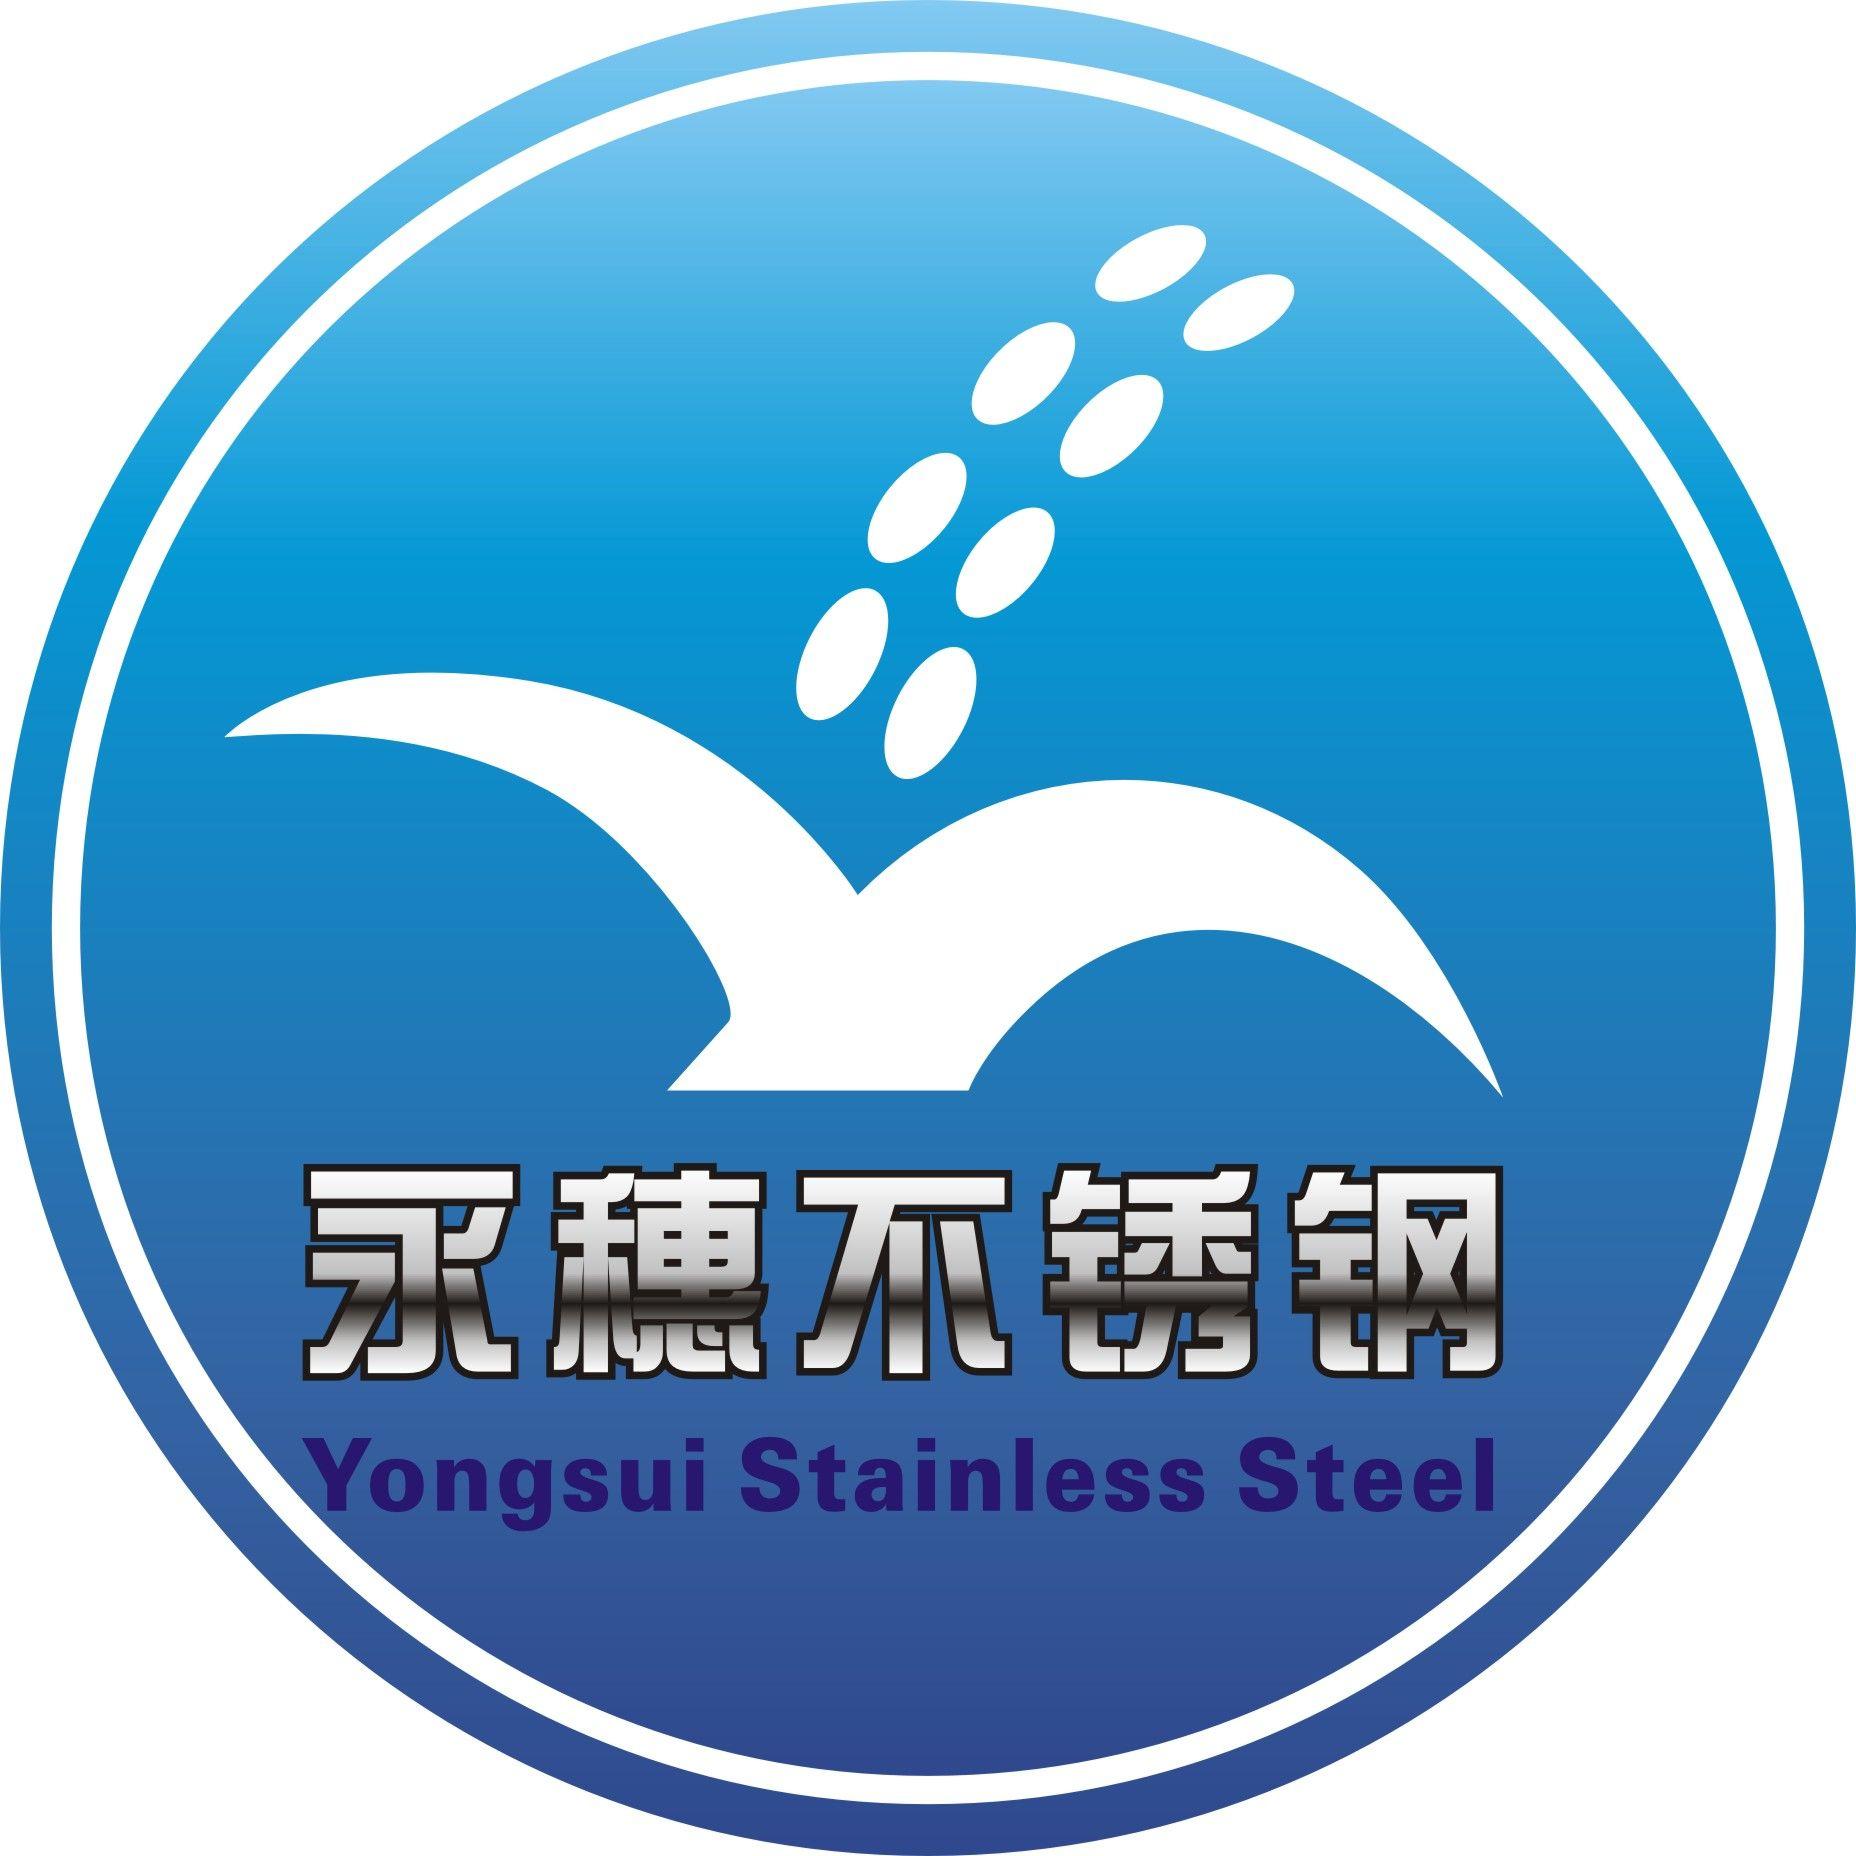 广东省佛山市永穗不锈钢有限公司